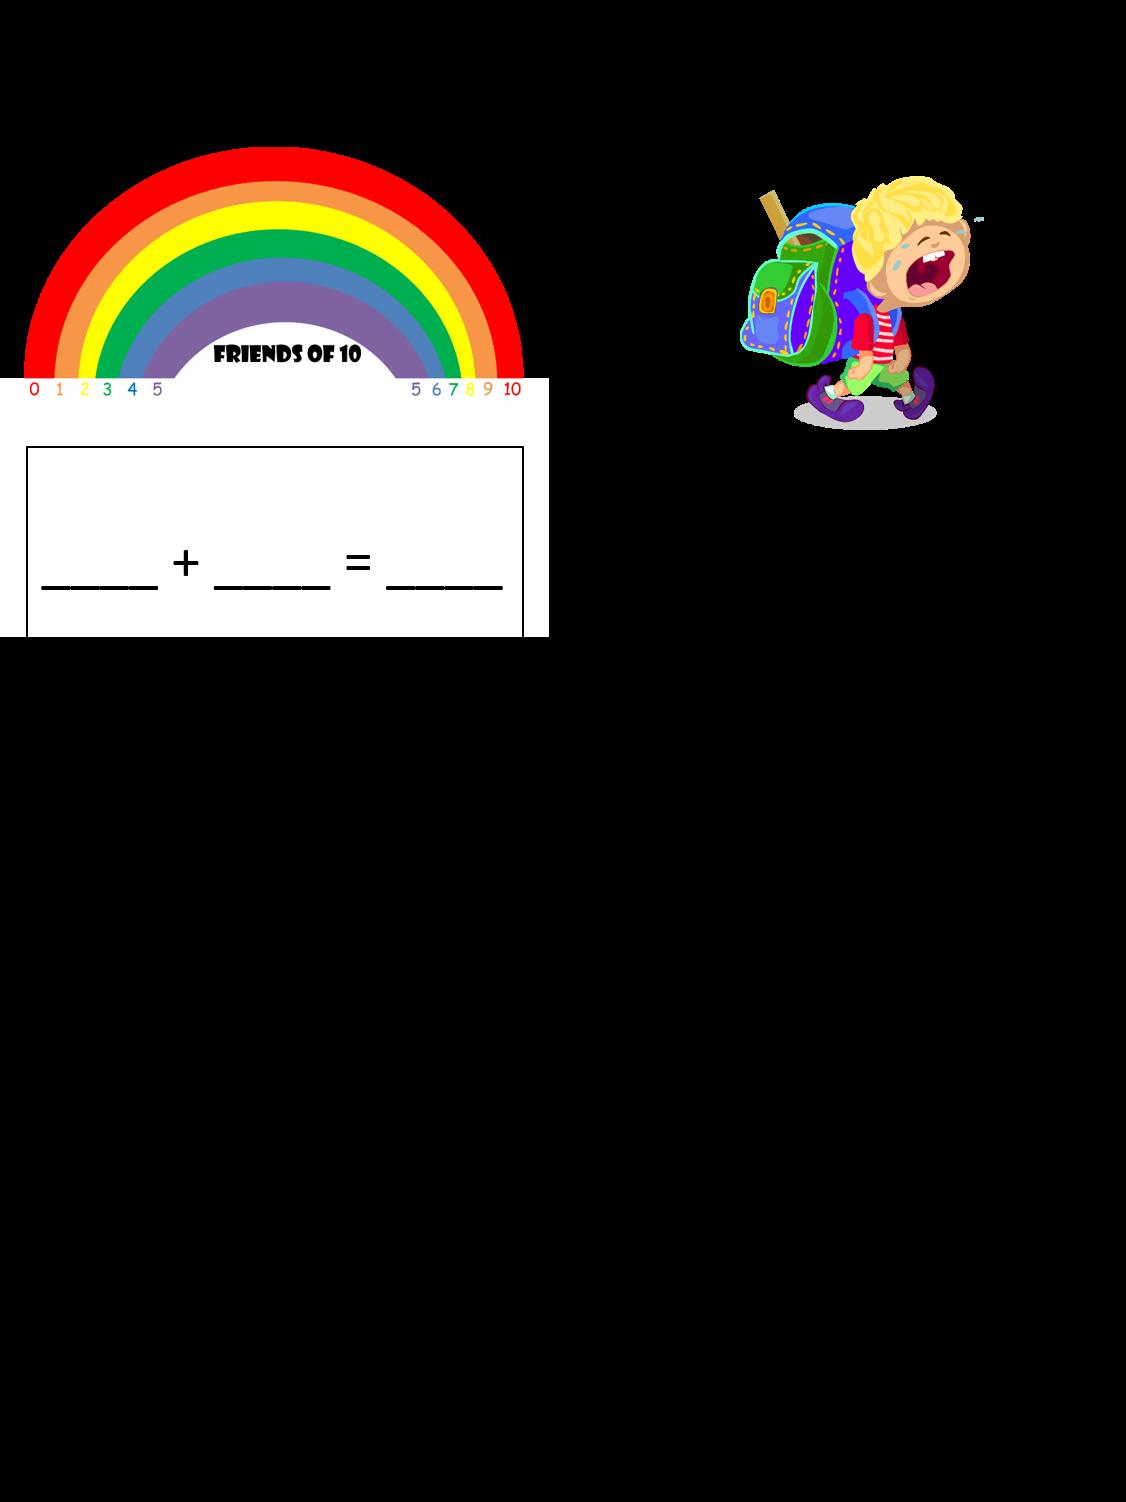 http://freepdfhosting.com/a640d9228a.pdf